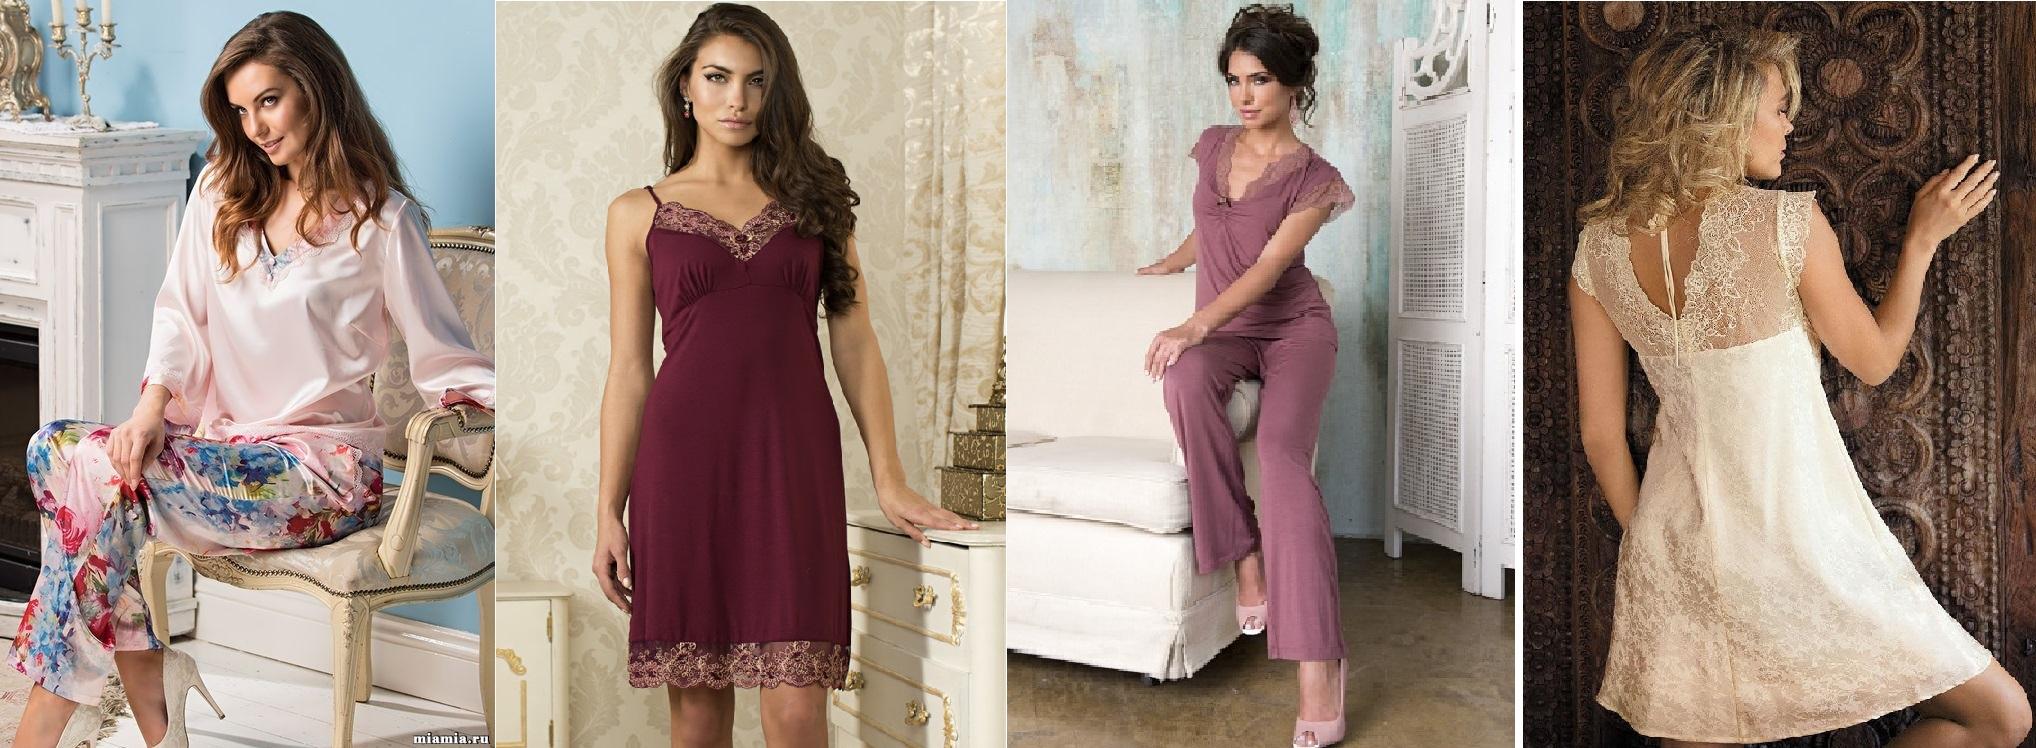 Женские сорочки и пижамы Mia-Mia купить интернет-магазин